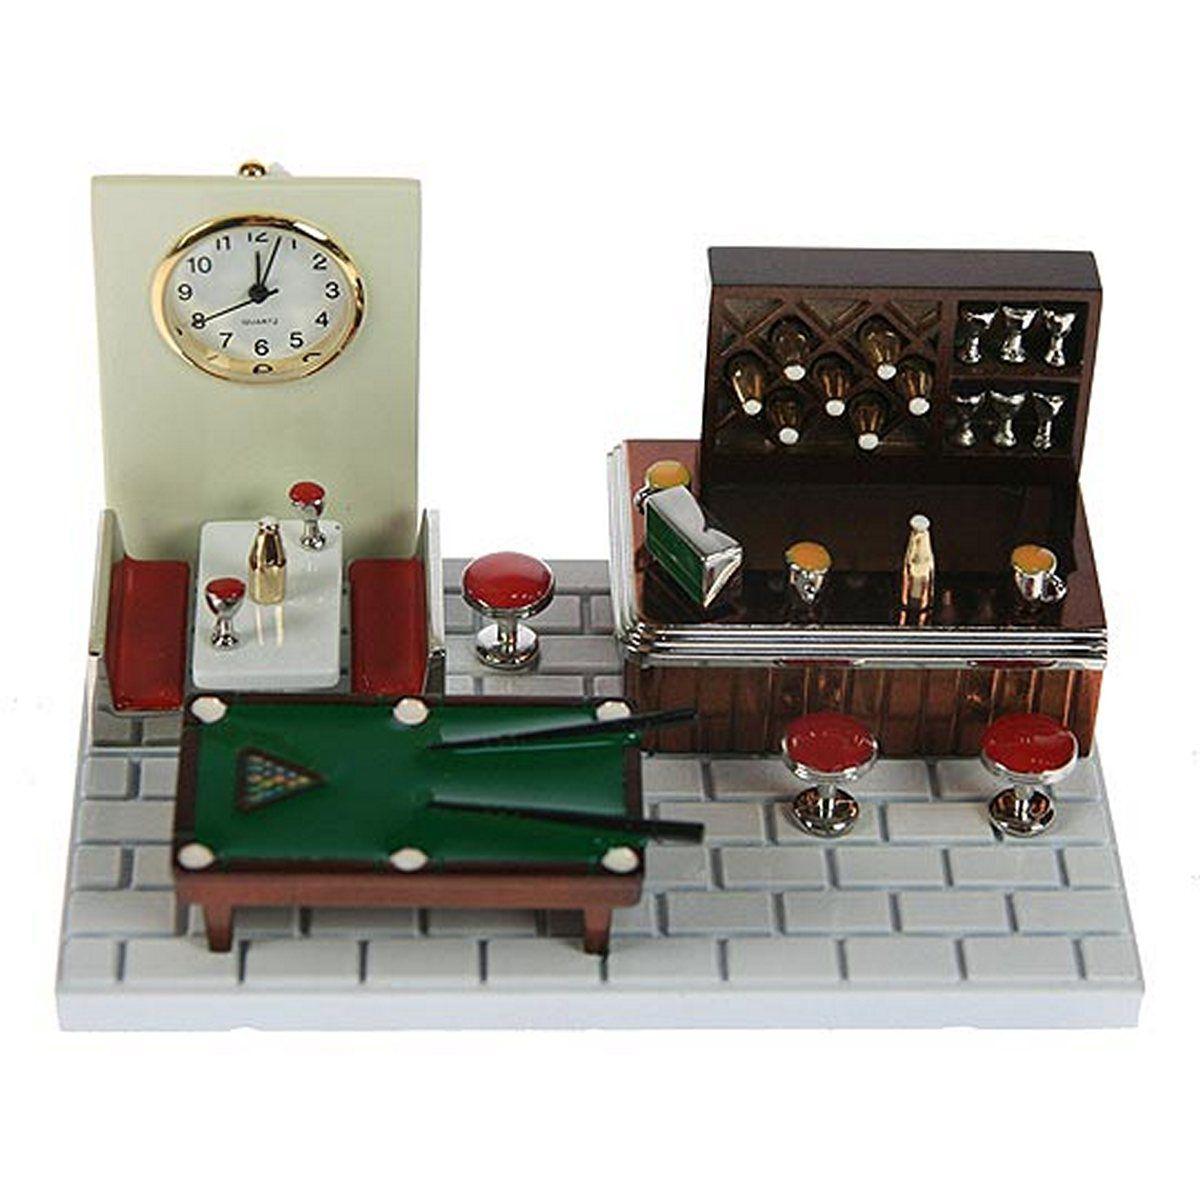 Часы настольные Русские Подарки Бар, 11 х 7 х 6 см. 2240522405Настольные кварцевые часы Русские Подарки Бар изготовлены из металла, циферблат защищен стеклом. Корпус оригинально оформлен в виде барной стойки с бильярдным столом. Часы имеют три стрелки - часовую, минутную и секундную. Такие часы украсят интерьер дома или рабочий стол в офисе. Также часы могут стать уникальным, полезным подарком для родственников, коллег, знакомых и близких. Часы работают от батареек типа SR626 (в комплект не входят).